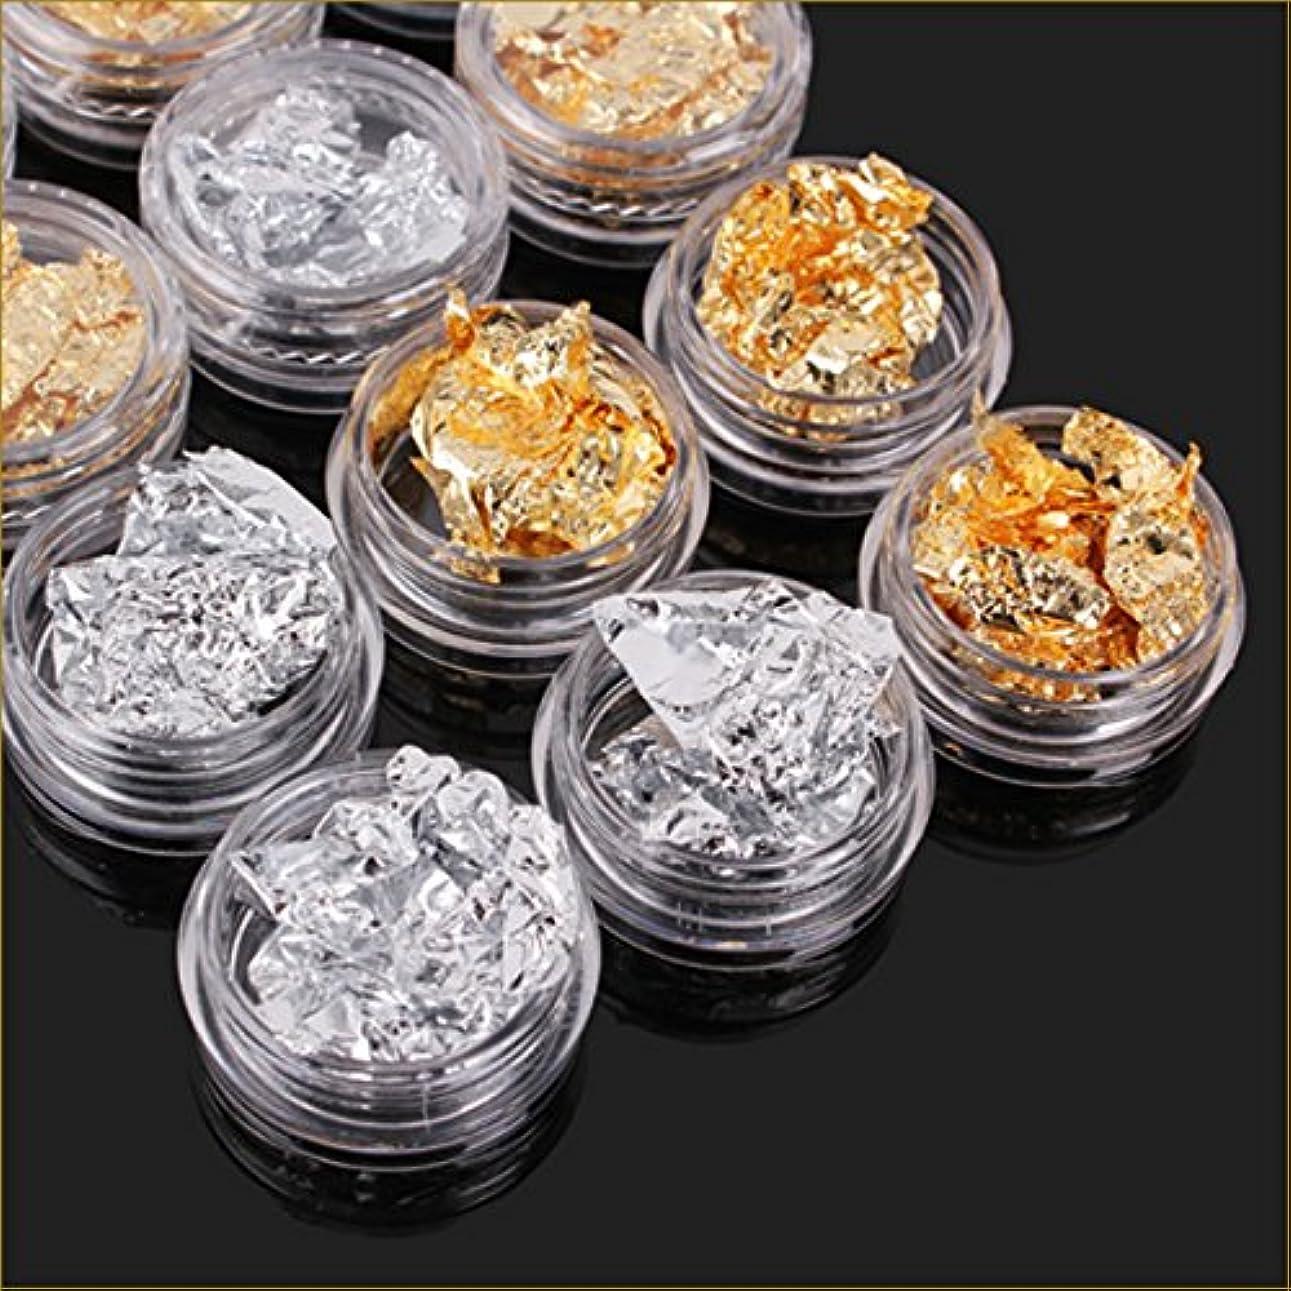 トロリー花瓶ばかげているネイル用品金箔 銀箔 大量 2個入り 2色 ケース付き ネイルパーツ メタルスタッズ ネイルナゲット ホイル ベイント用